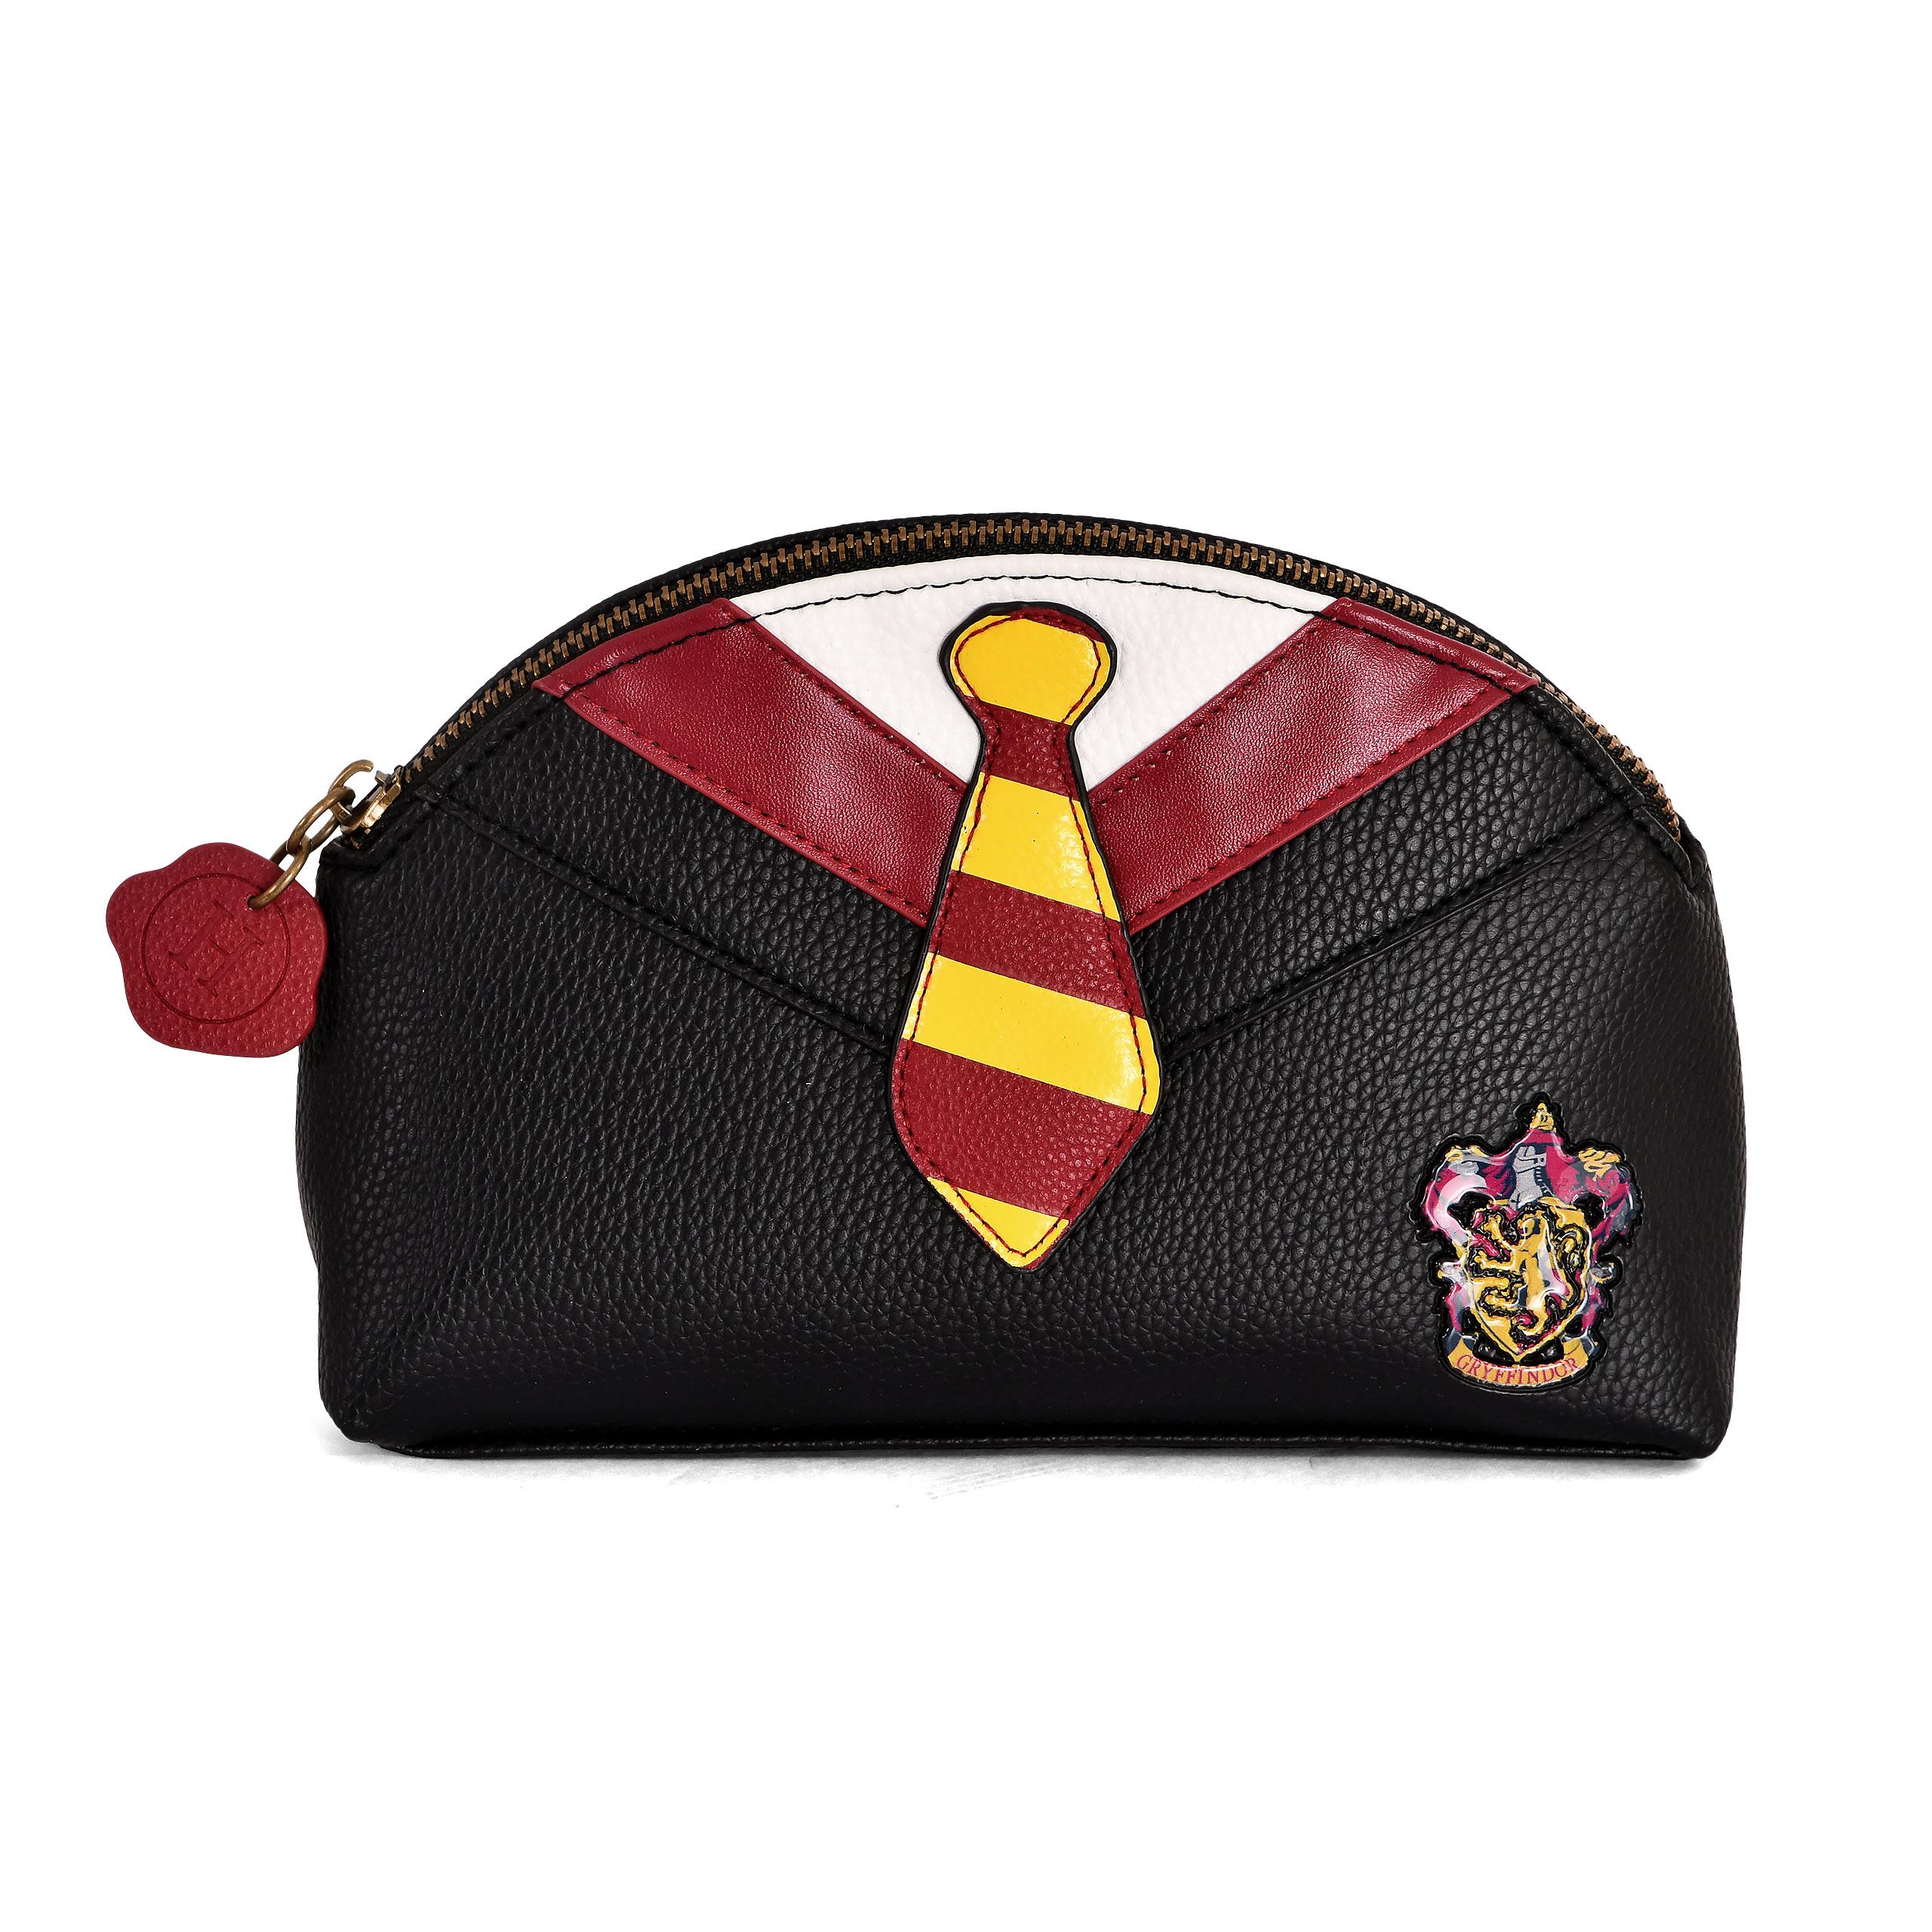 Harry Potter - Gryffindor Suit & Tie Kosmetiktasche